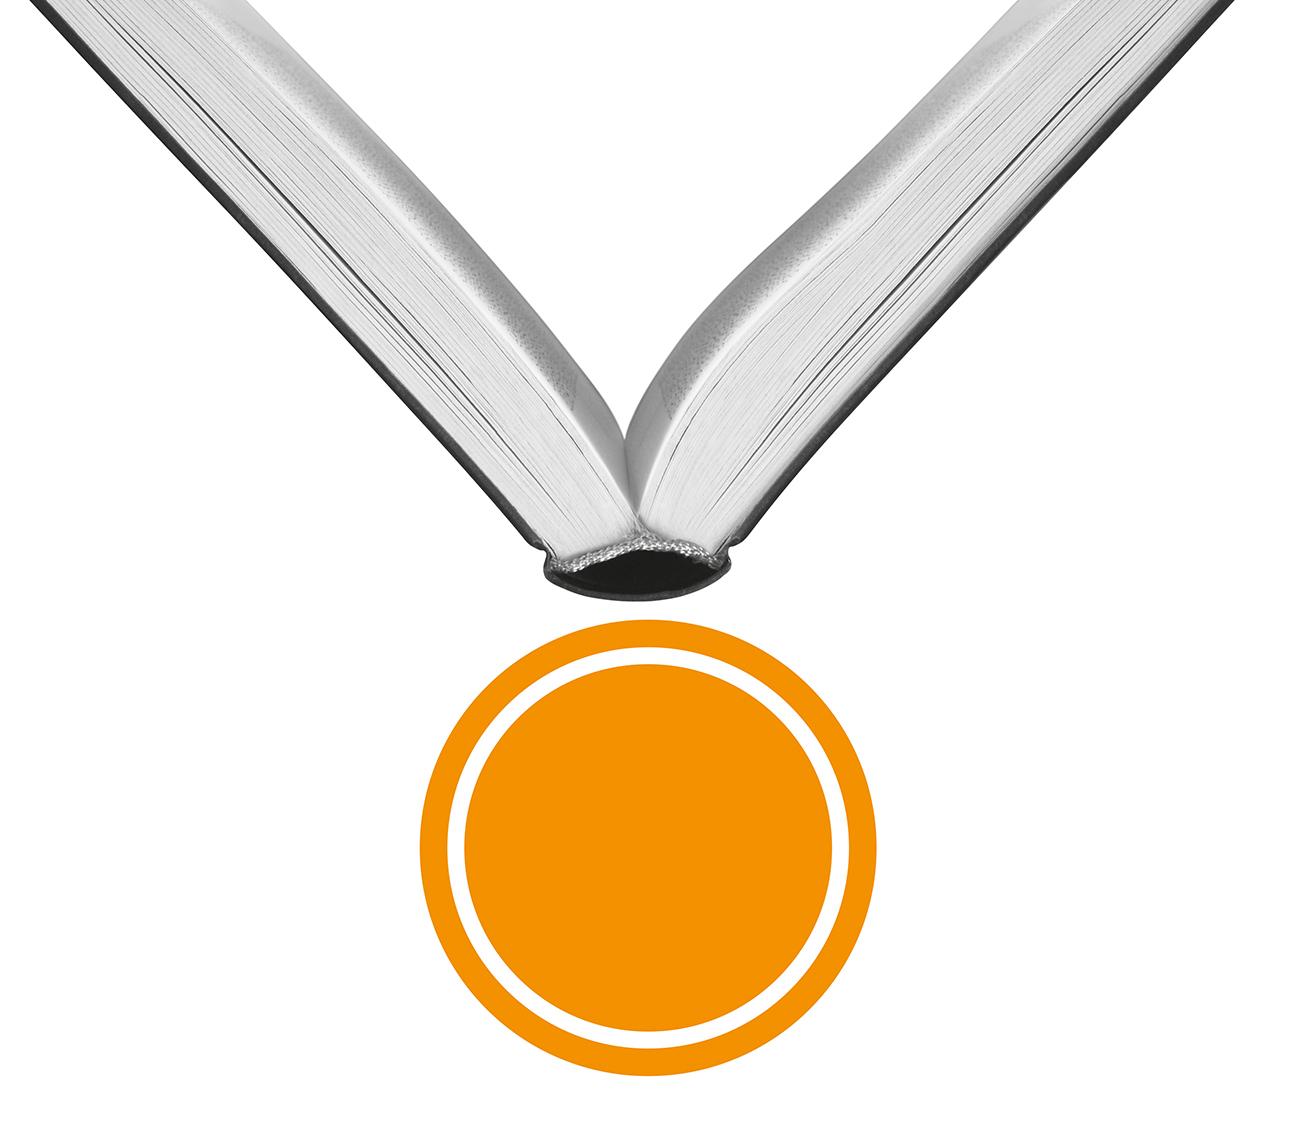 Eversheds_werken-bij-eversheds-icoon_medaille